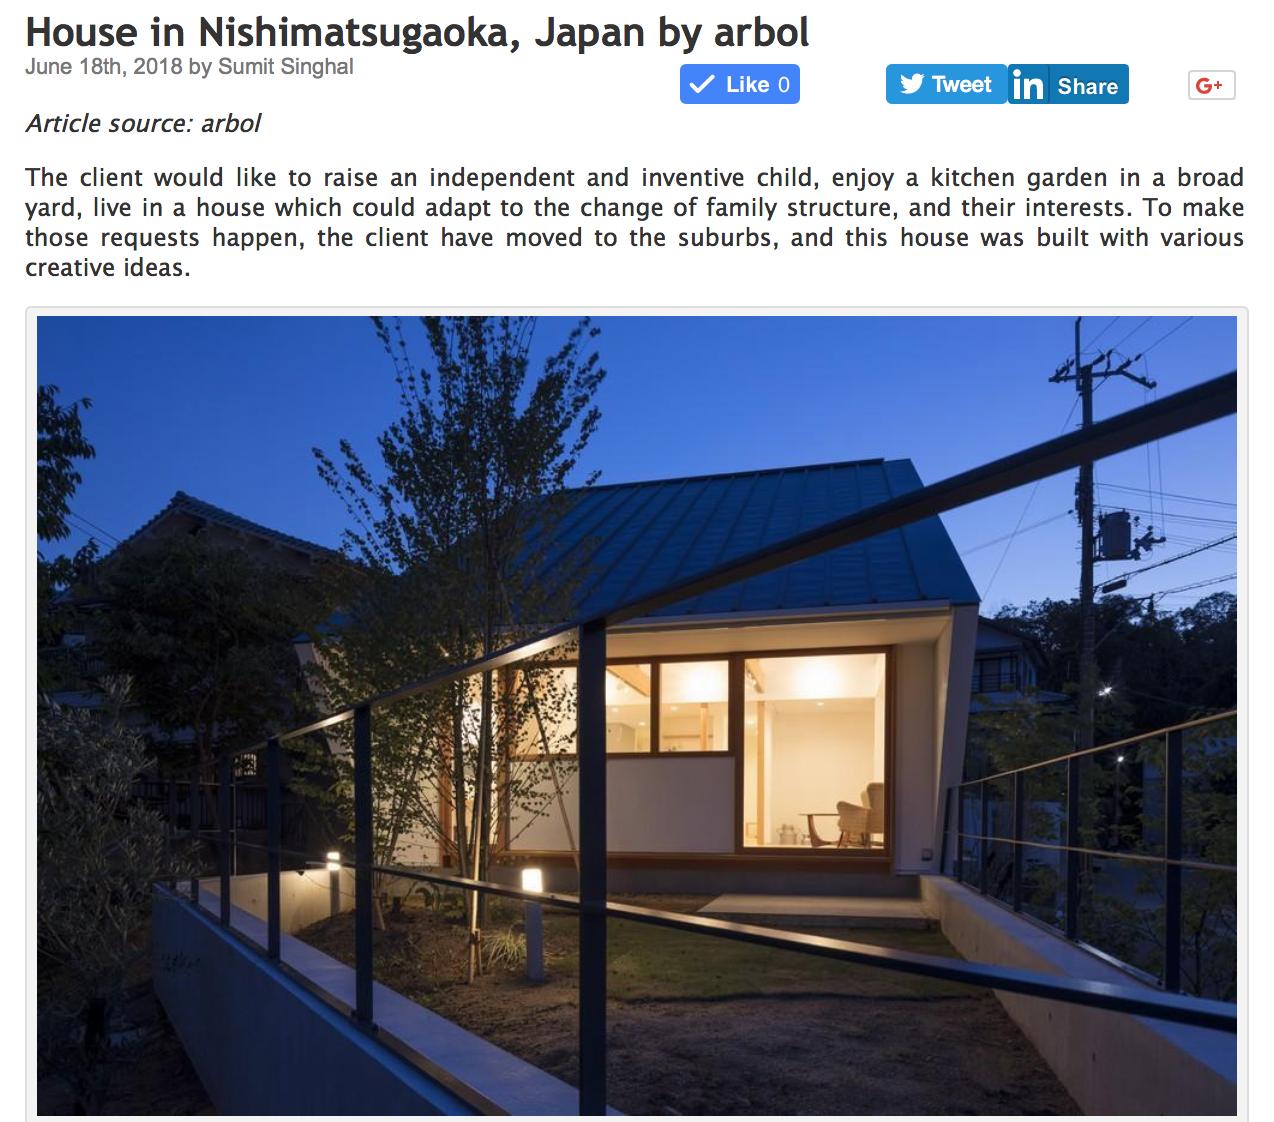 nishimatsugaokaAECCAFE.png